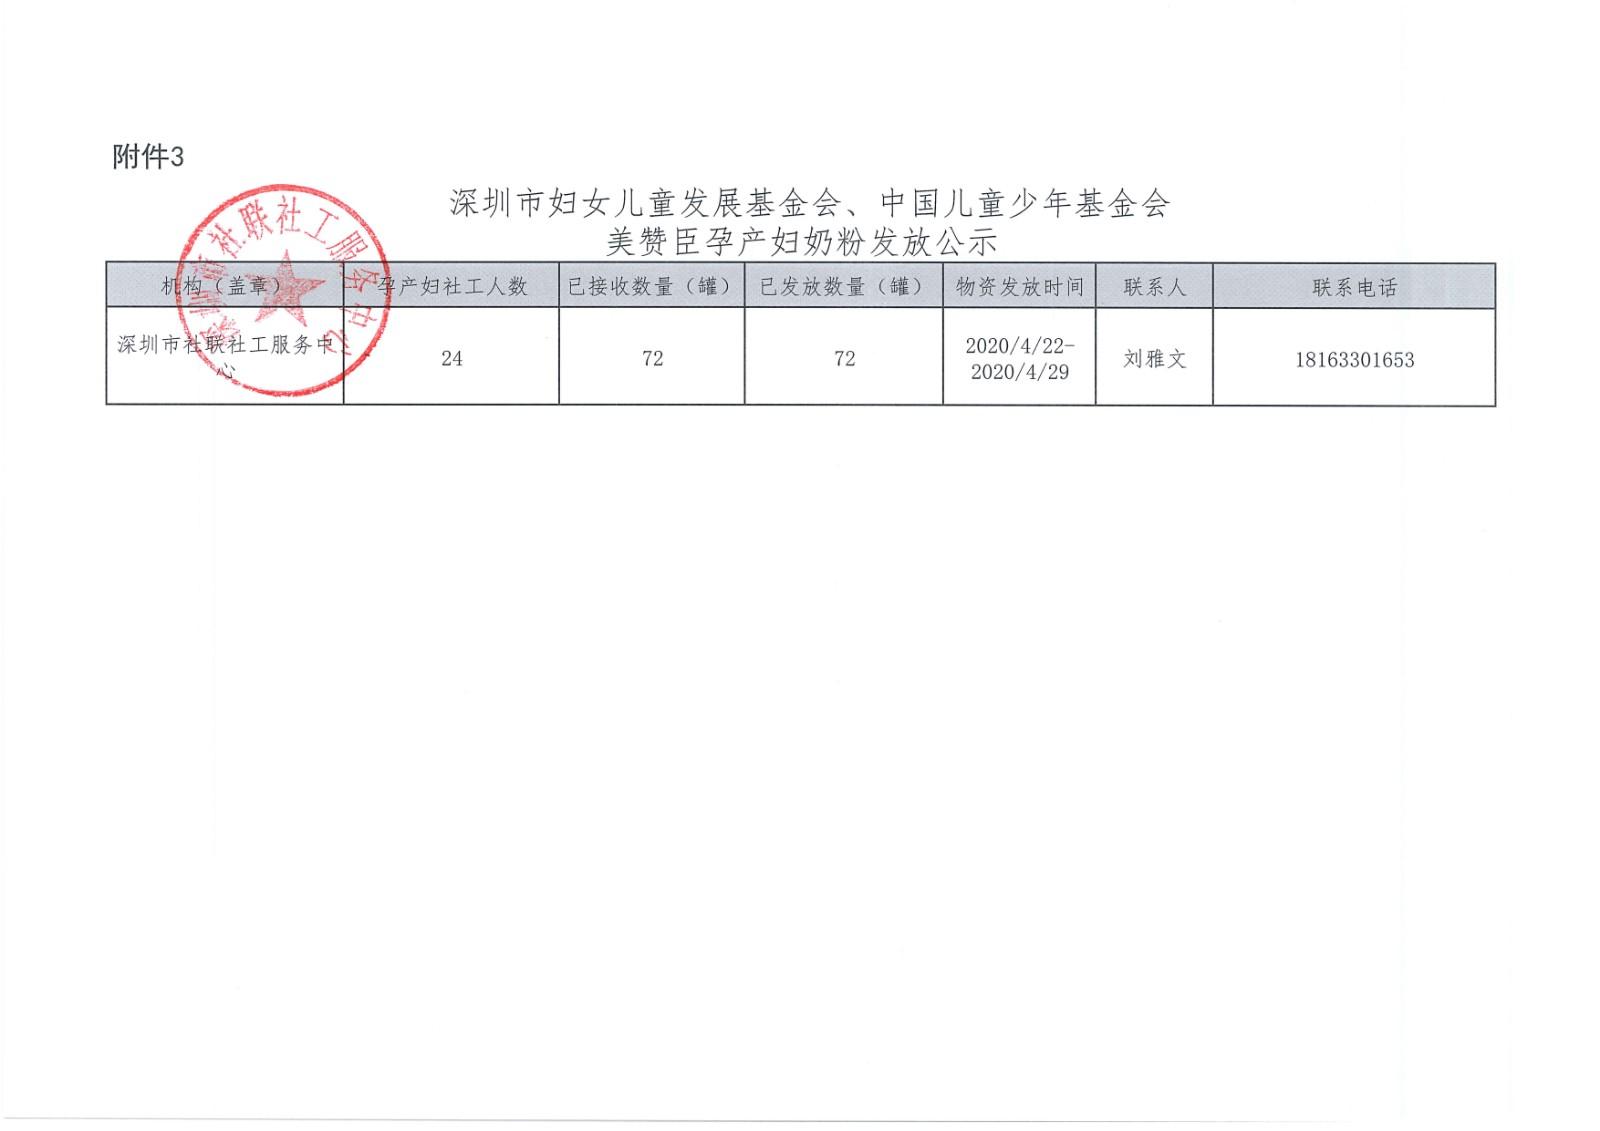 深圳市社联社工服务中心关于接受深圳市社会工作者协会捐赠的防疫物资使用情况公示(第八批)